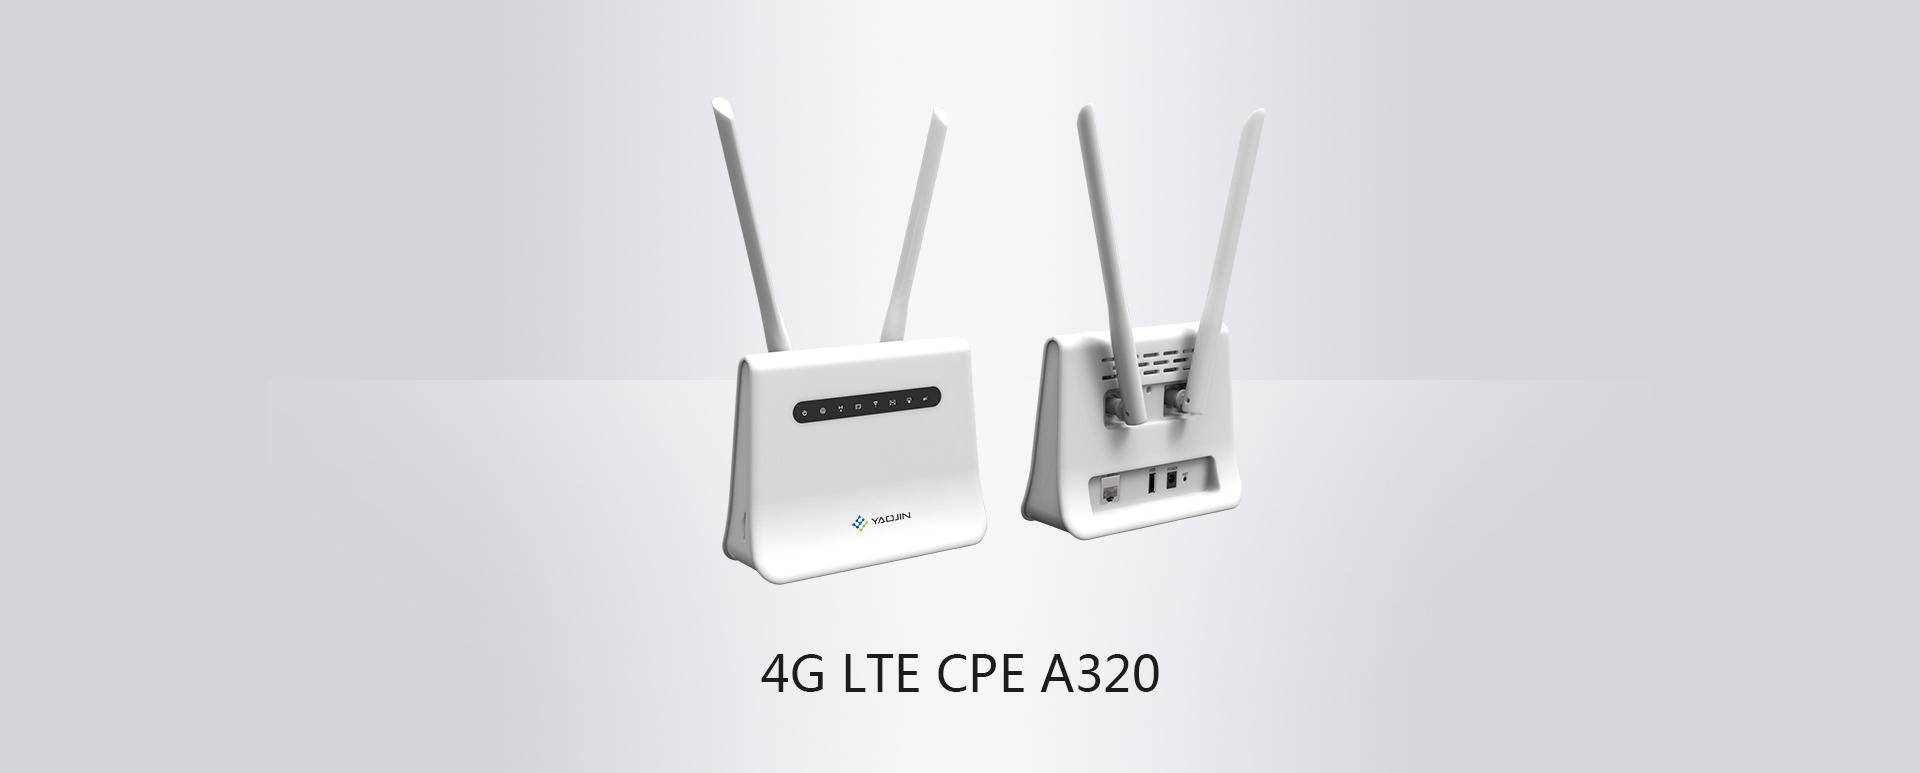 4G LTE CPE A320